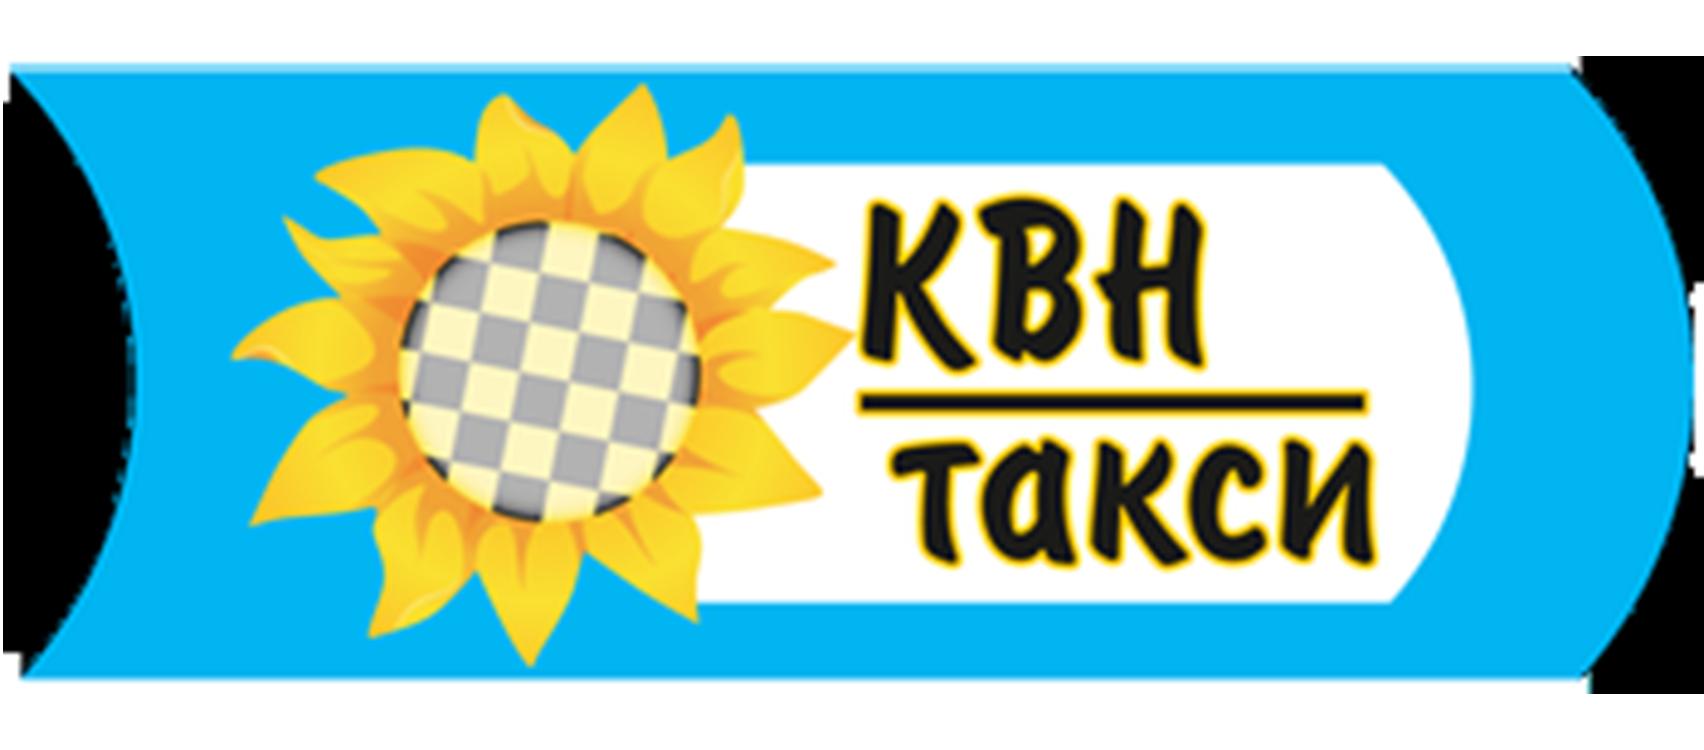 Таксі КВН  (Київ)